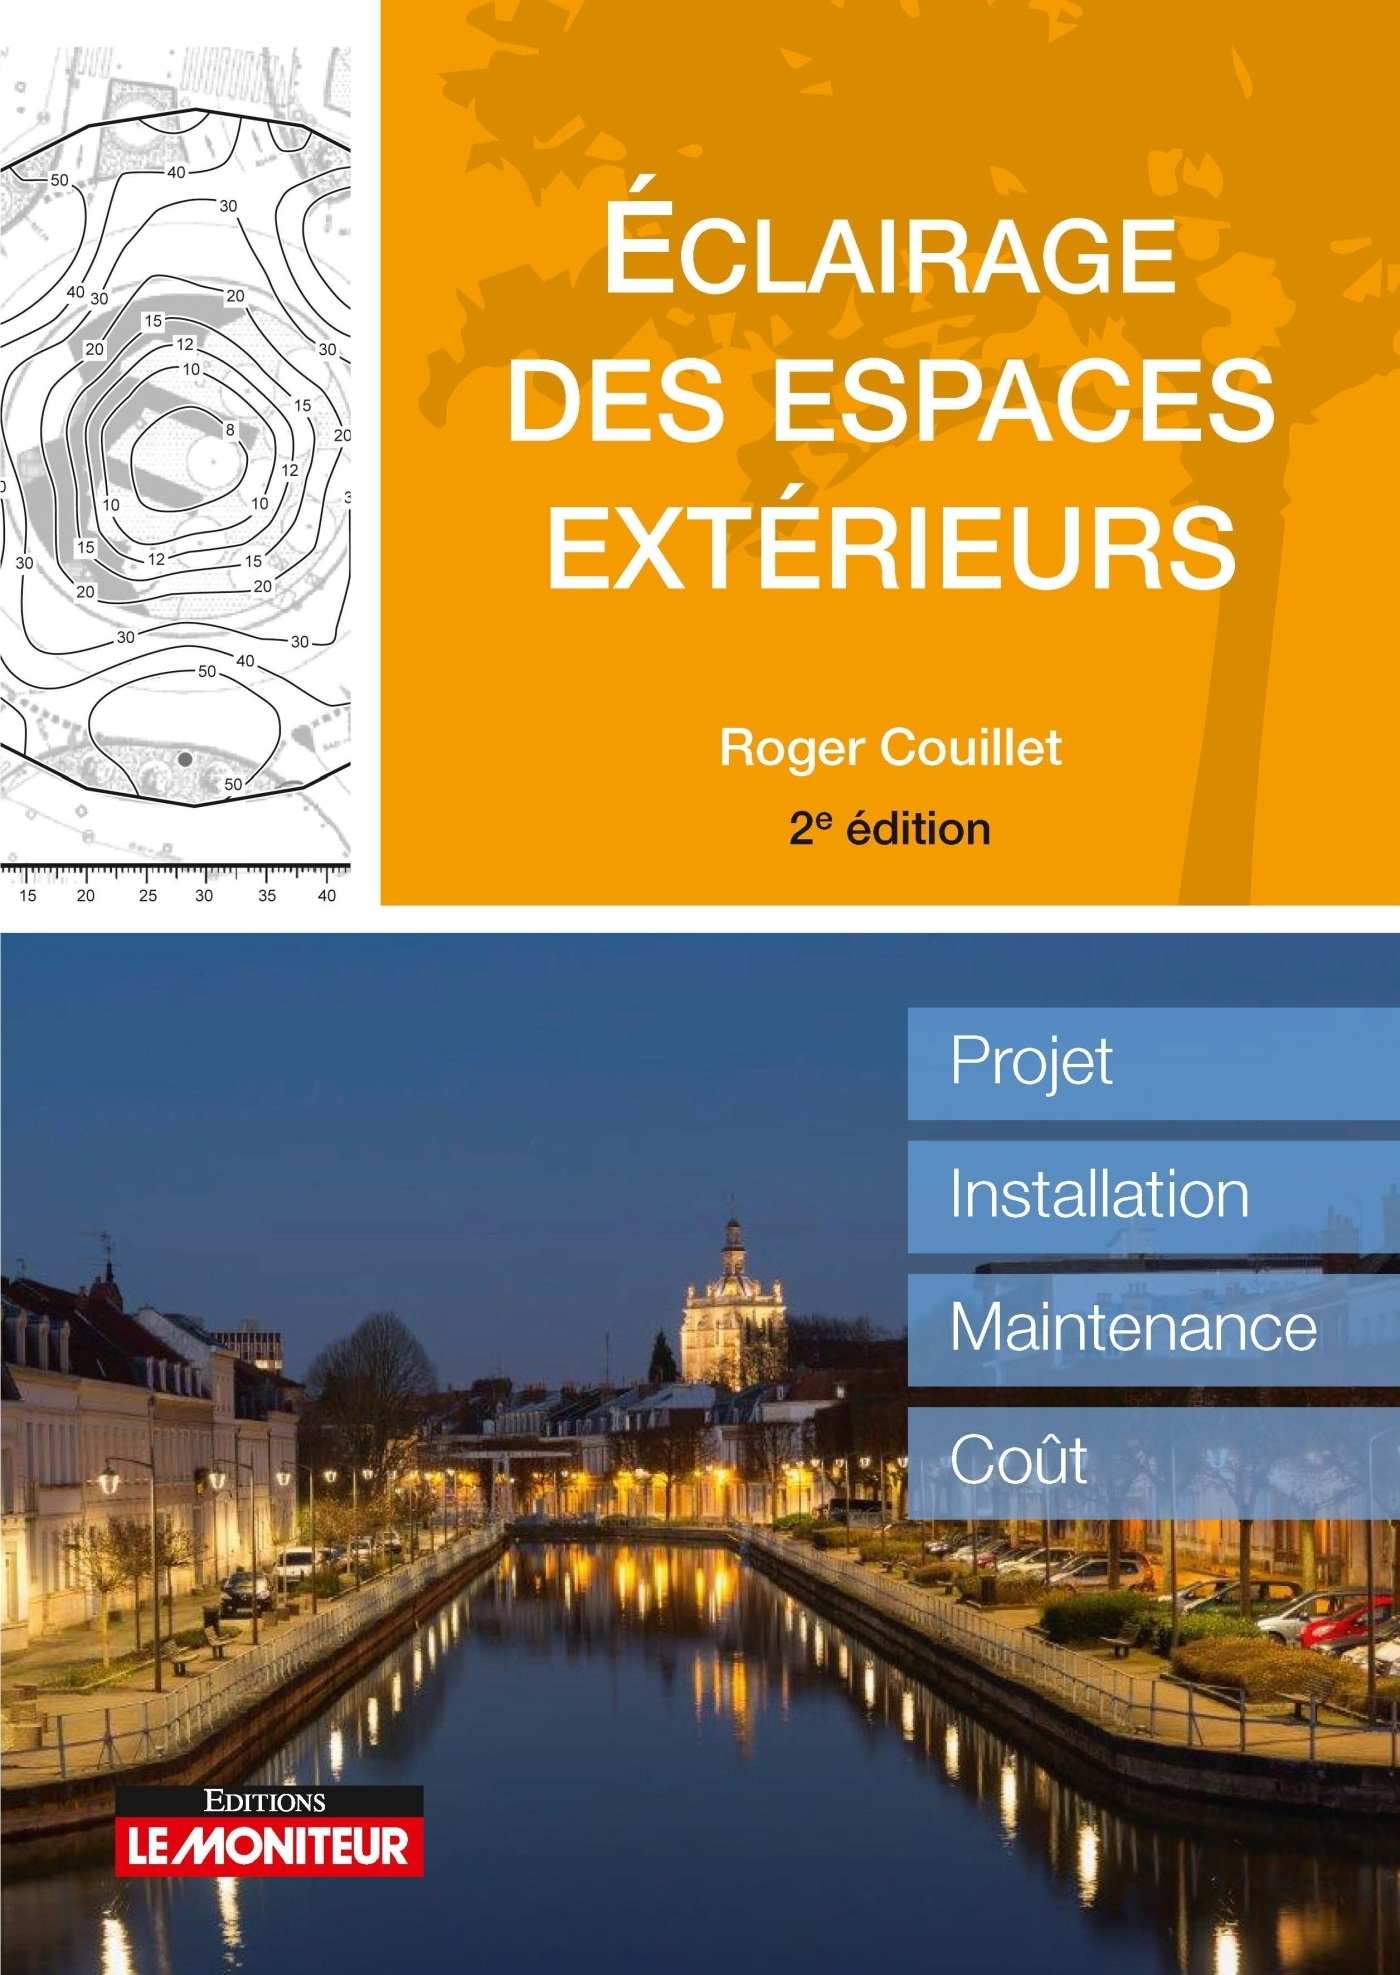 LE MONITEUR - 2E EDITION 2018 - ECLAIRAGE DES ESPACES PUBLICS - PROJET, INSTALLATION, MAINTENANCE, C